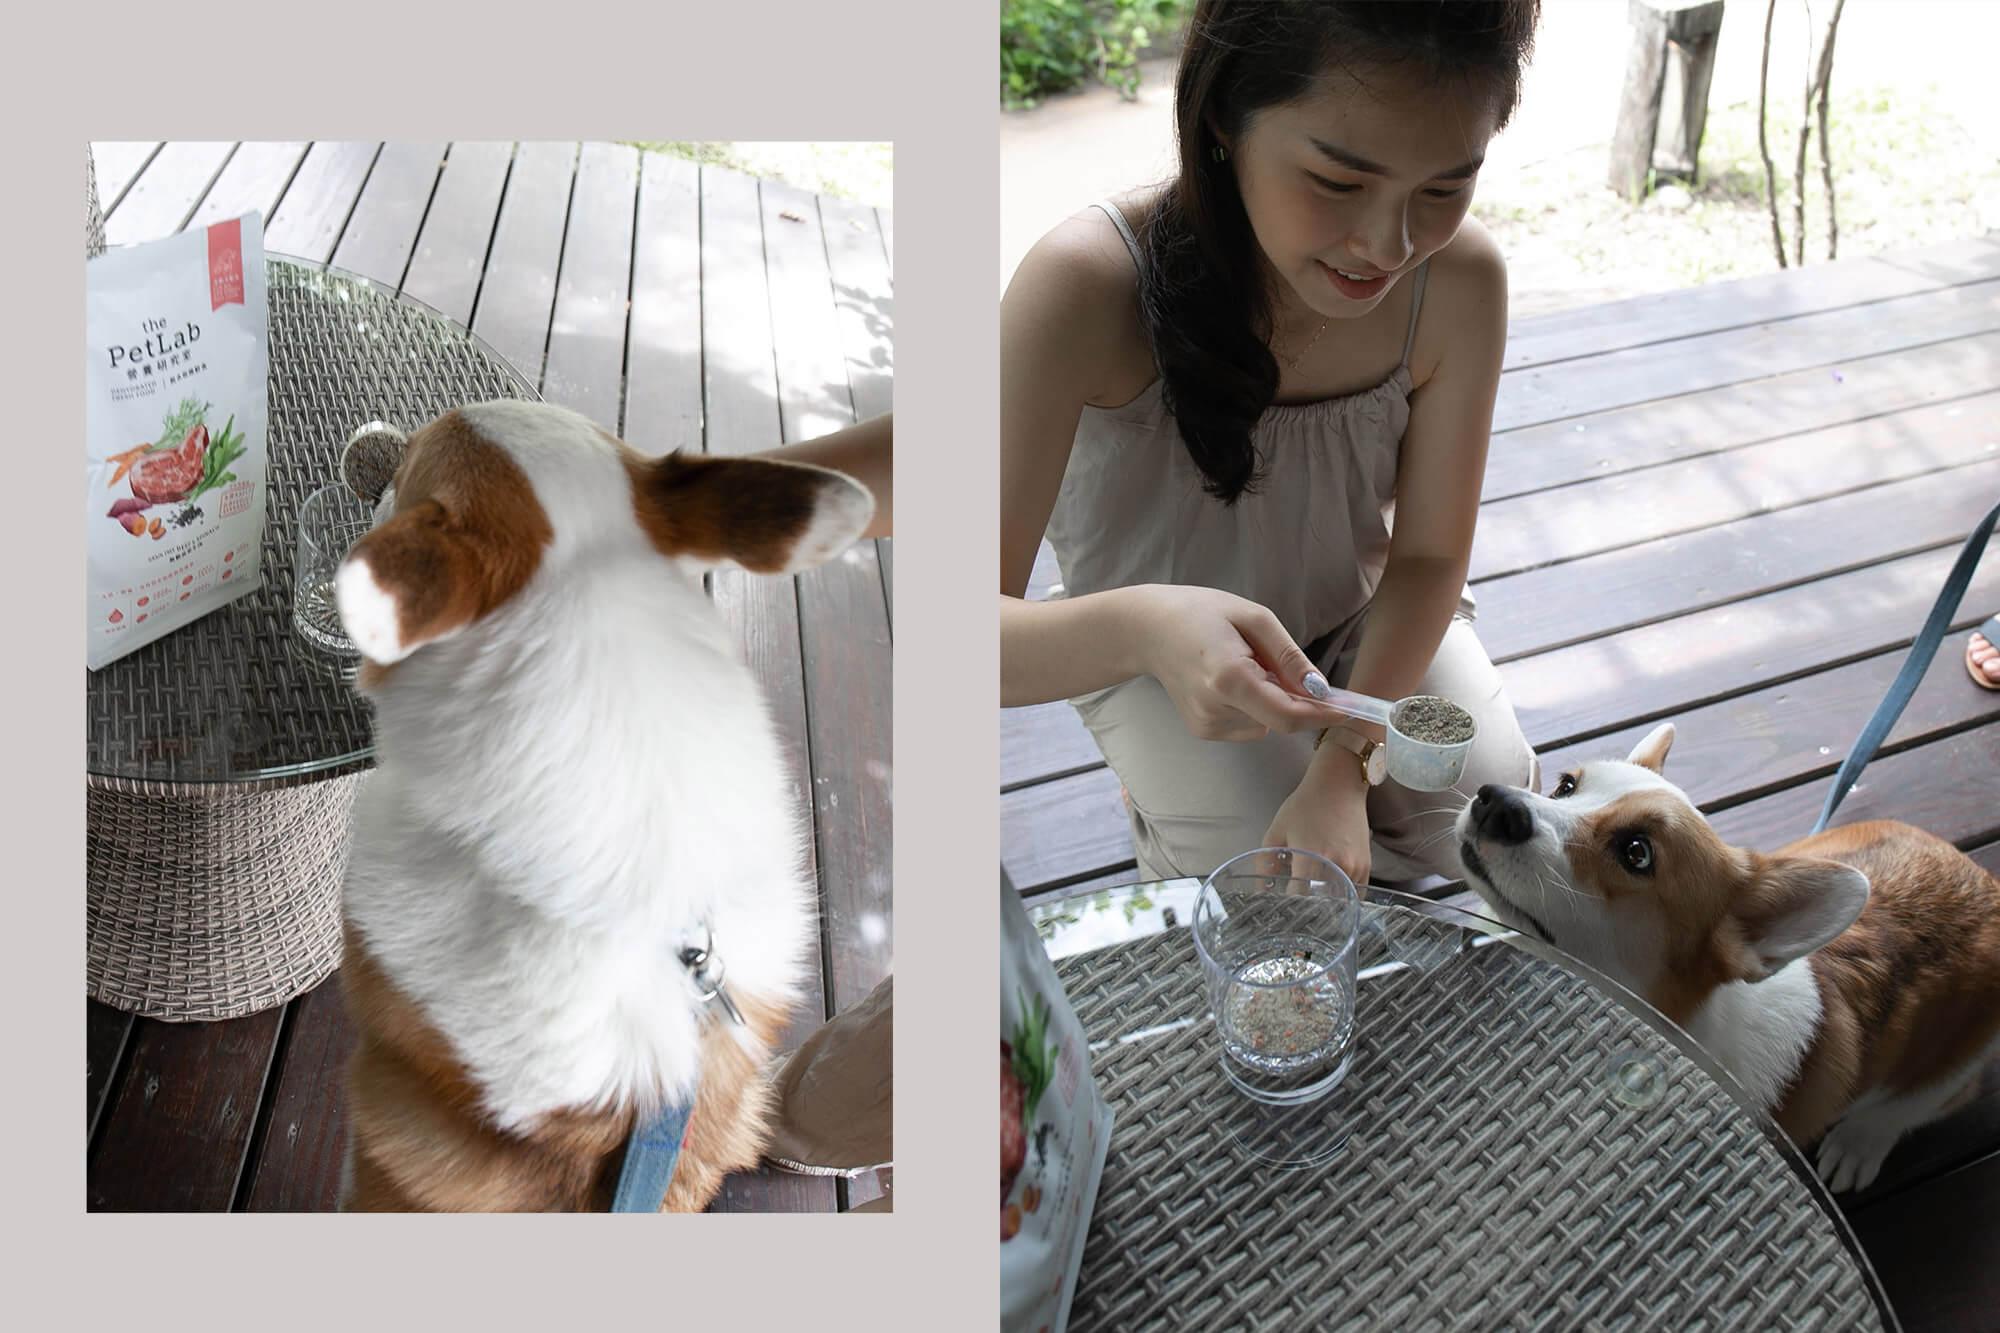 the Pet Lab營養實驗室狗狗鮮食,只要沖泡3分鐘!沖泡中